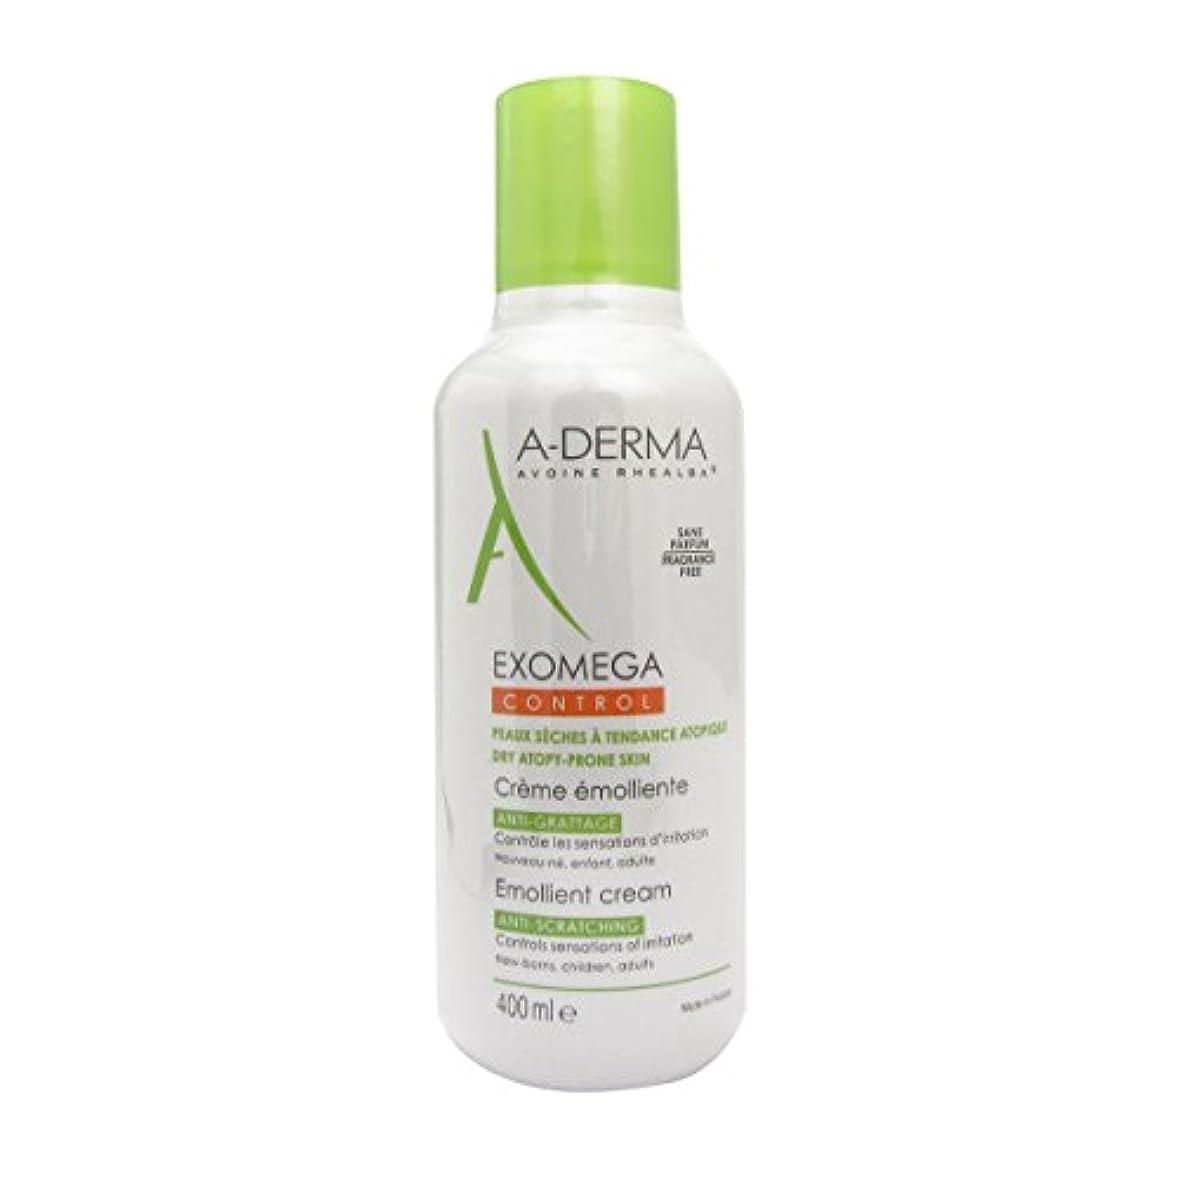 ジェット新年交通A-derma Exomega Control Emollient Cream 400ml [並行輸入品]